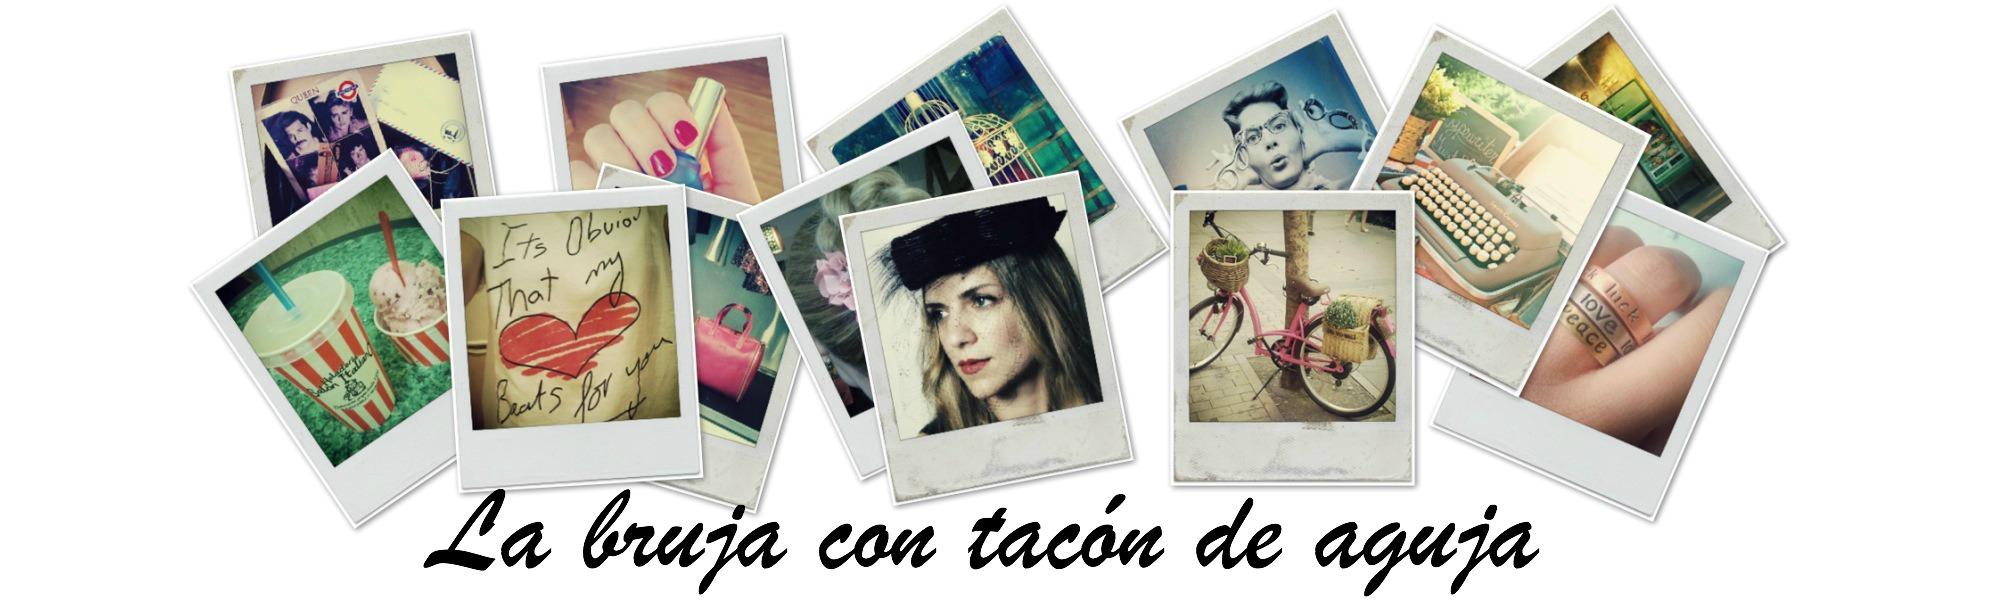 Blog de moda y videoblog de belleza - La Bruja con tacón de aguja